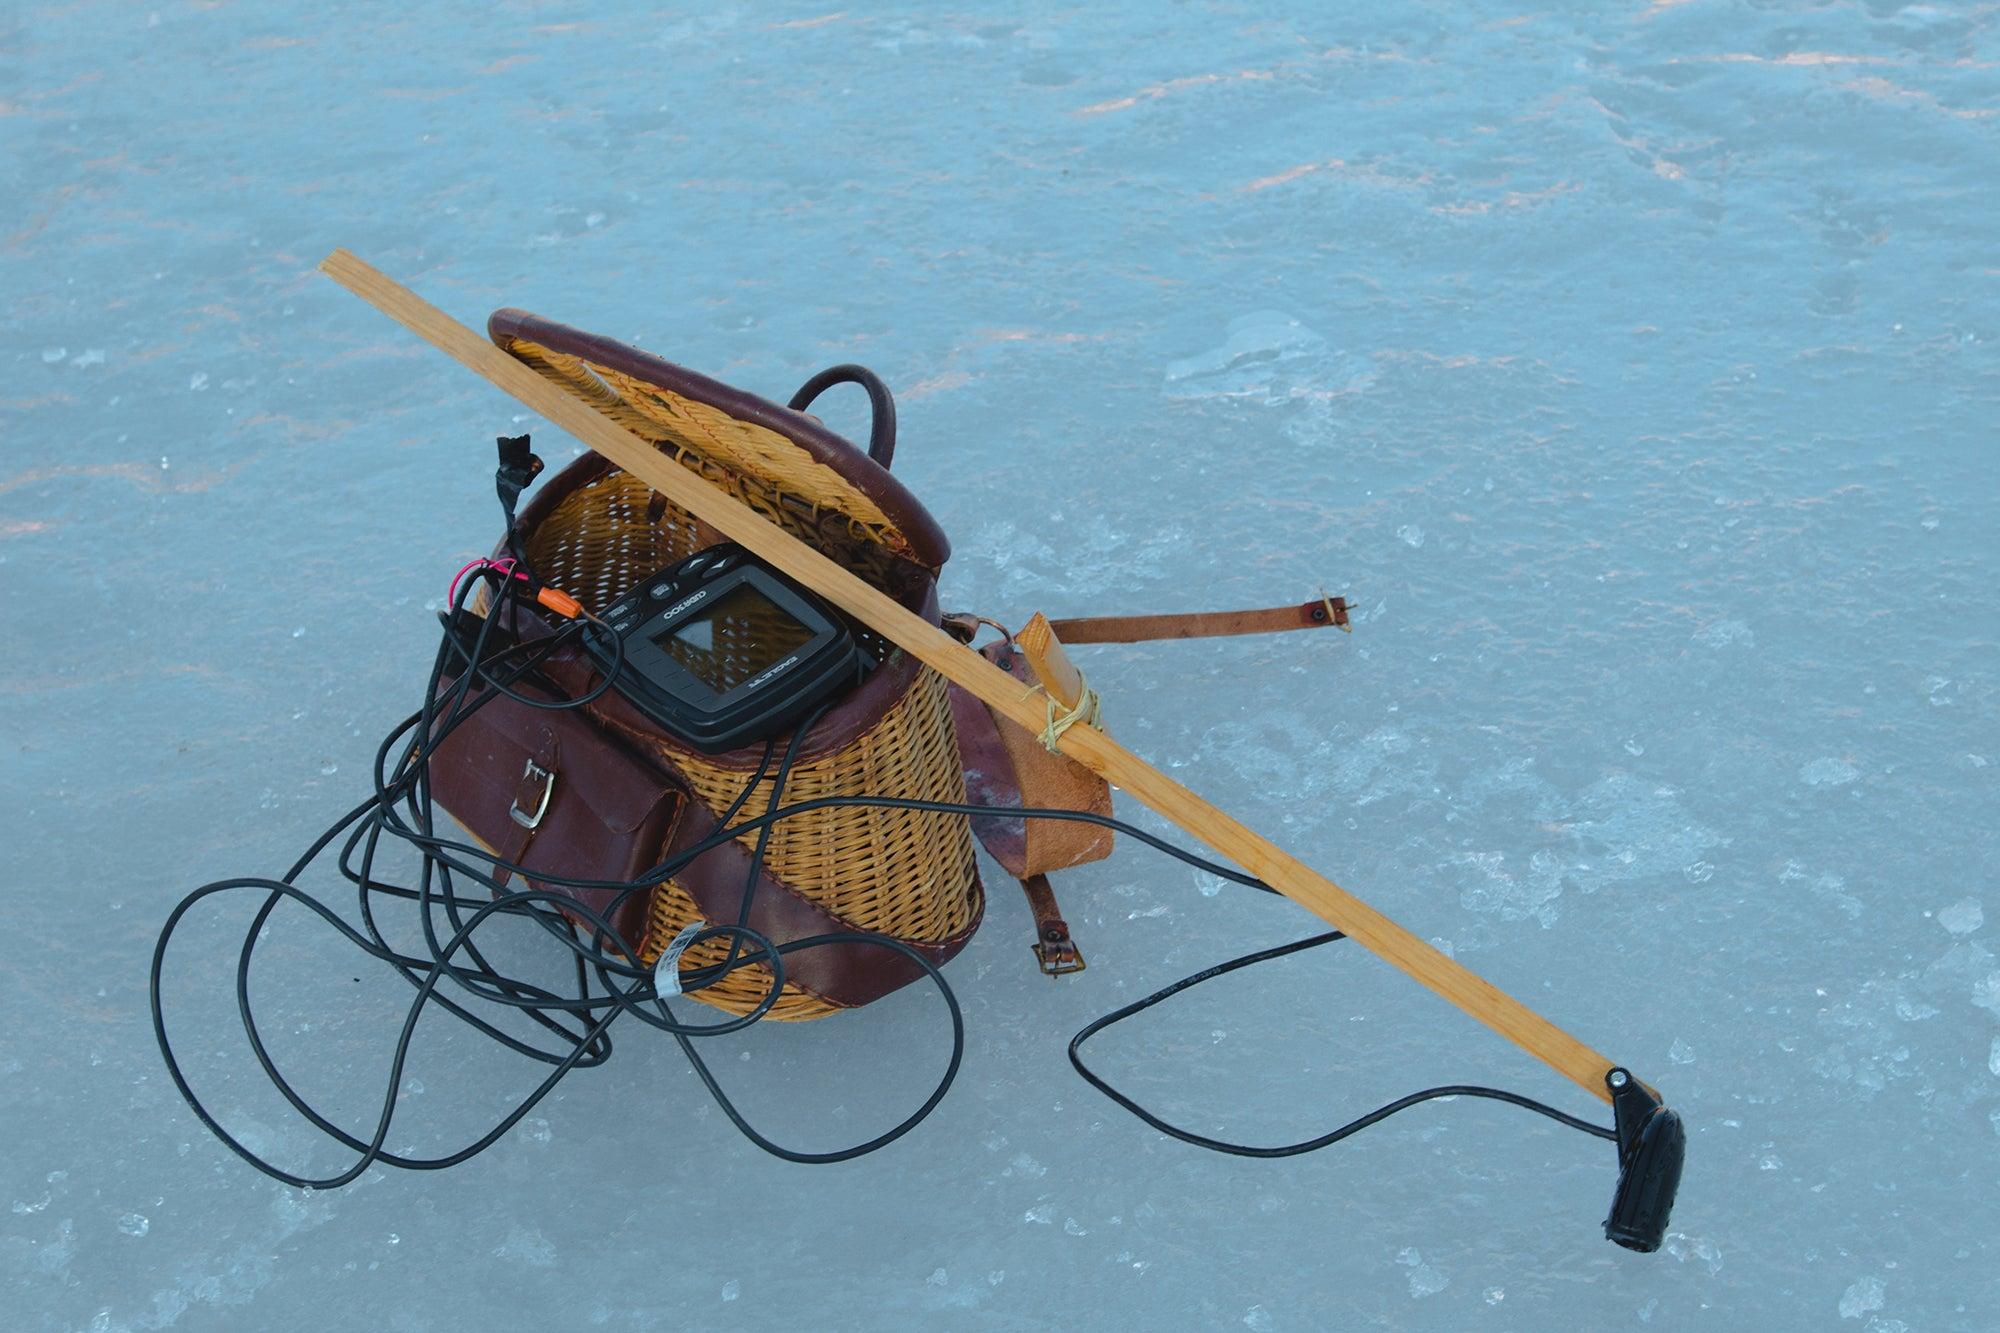 fishing gear in water